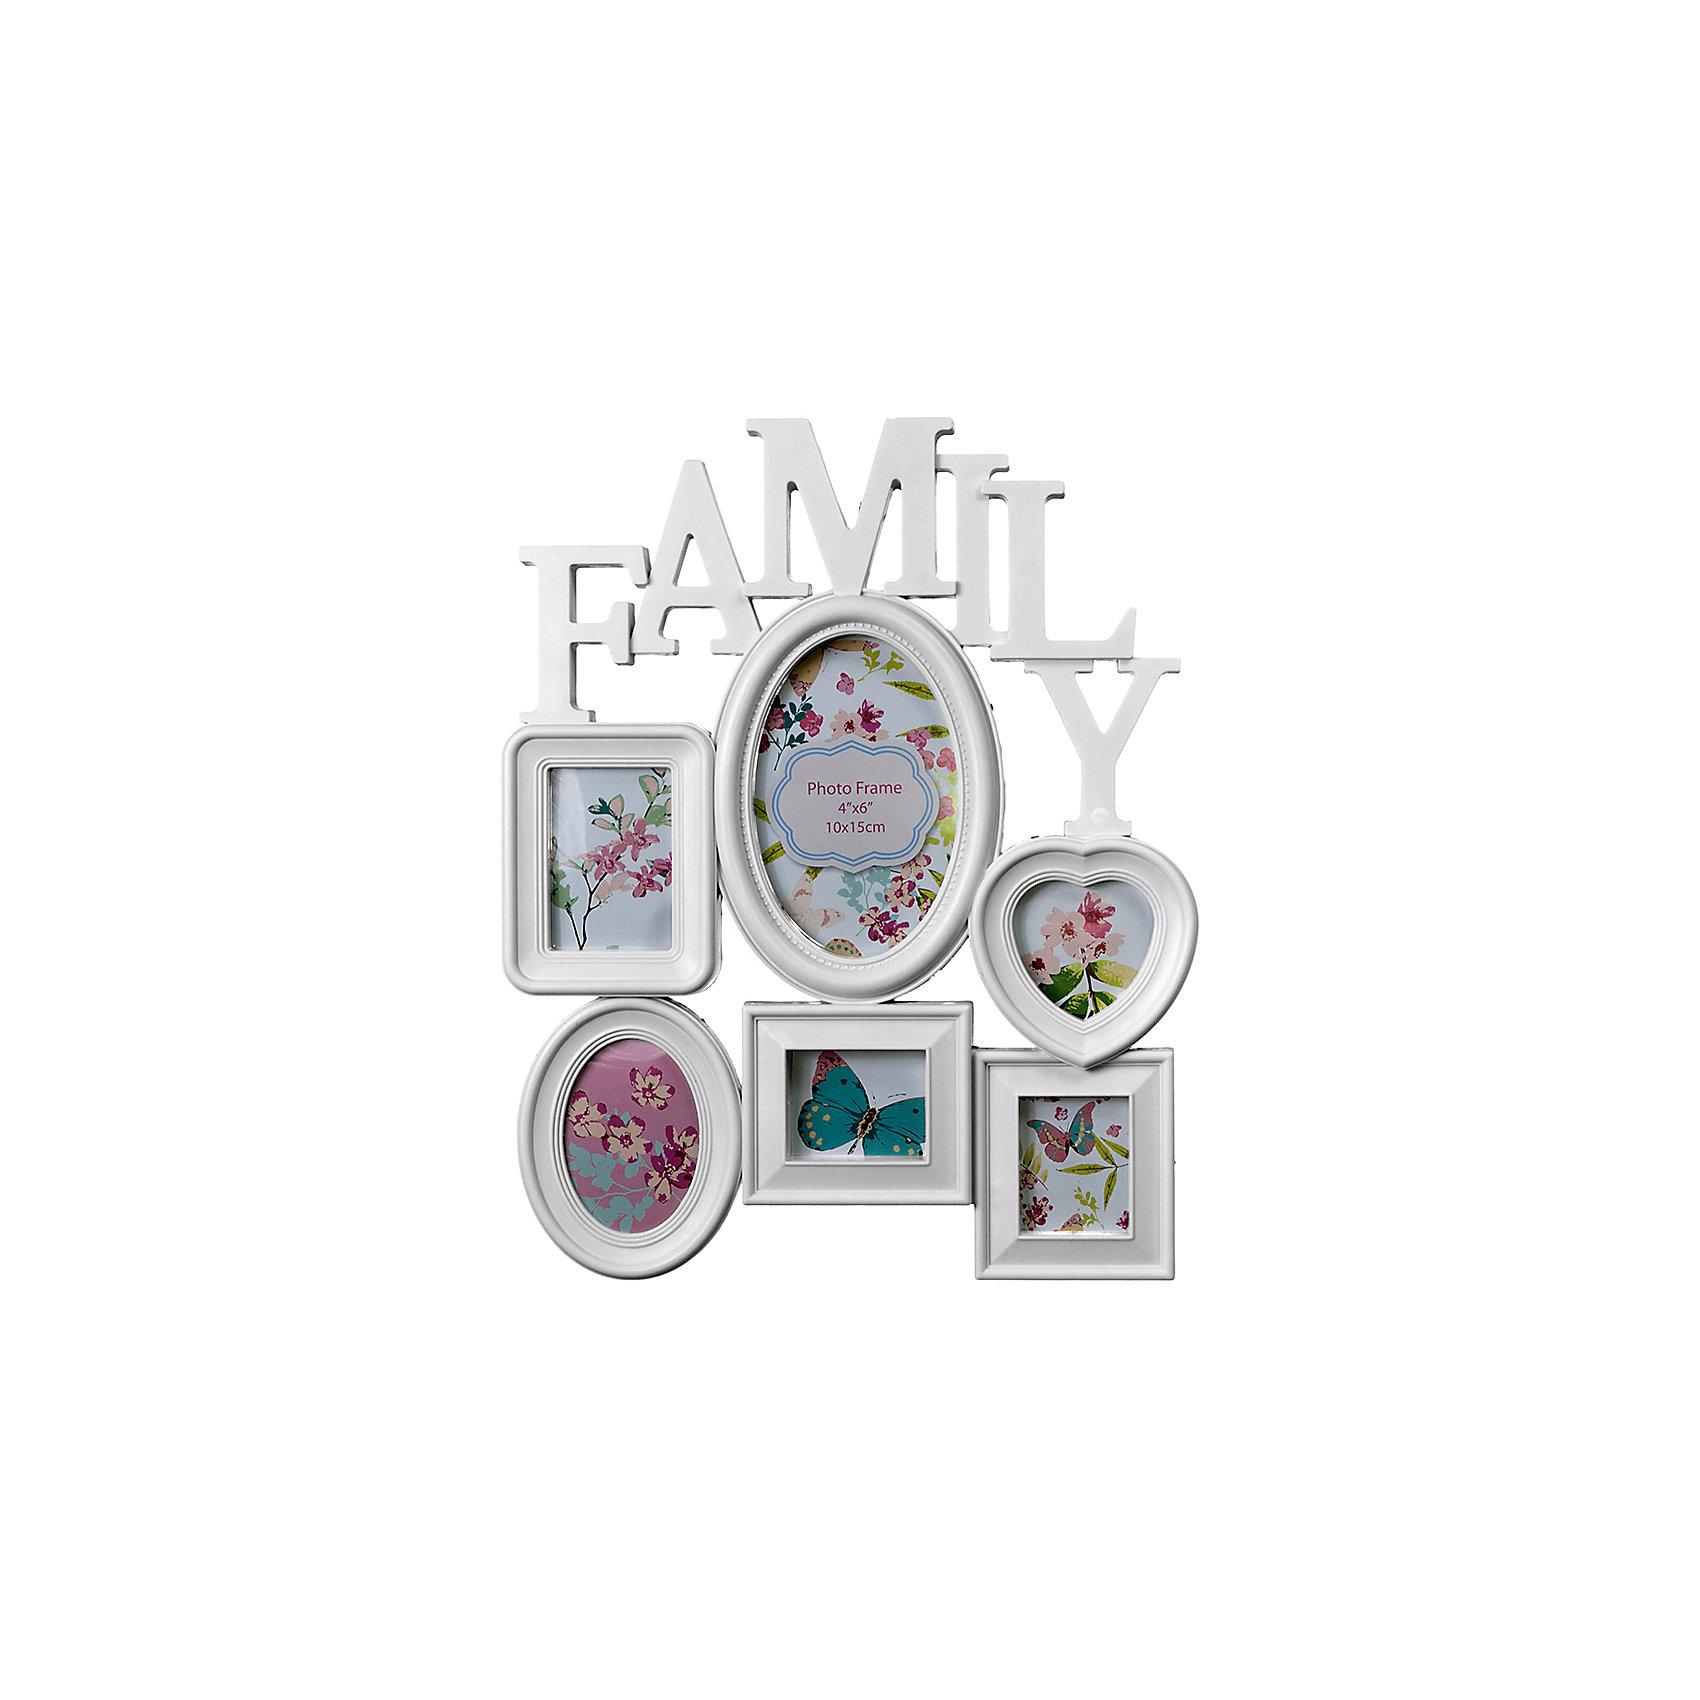 Фоторамка Platinum Family, пластик, белая, Яркий праздникПредметы интерьера<br>Фоторамка Platinum Family, пластик, белая, Яркий праздник<br><br>Характеристики:<br><br>• Состав: пластик<br>• Размер: 37 * 3 * 30 см.<br>• Размер фотографий: 10 * 15 см., 6 * 9 см., 7 * 7 см., 5 * 7 см.<br>• Страна производитель: Китай<br><br>Изящная подвесная фоторамка включает в себя целых шесть рамок от компании, специализирующейся на производстве фоторамок для интерьеров Platinum (Платинум), и оживит сразу несколько воспоминаний! Фоторамки станут стильным украшением комнаты, а классический белый цвет отлично подойдет как для спальни, так и для кухни или гостиной. Фоторамки оригинально расположены и отлично подойдут для серии тематических снимков. <br><br>В набор фоторамок входит вертикальная стандартная рамка 10 * 15 см, две небольшие рамки 6 * 9 см, рамка для квадратного снимка размером 7 * 7 см. и две маленькие рамки 5 * 7 см, созданные специально для каждого вашего любимого кадра. Стилизация коллажа сочетается с надписью на английском языке Семья. Фоторамка станет превосходным подарком для любого важного события от дня рождения до новоселья. Привнесите в дом атмосферу комфорта и яркого праздника вместе с новой фоторамкой!<br><br>Фоторамку Platinum Family, пластик, белую, Яркий праздник можно купить в нашем интернет-магазине.<br><br>Ширина мм: 370<br>Глубина мм: 48<br>Высота мм: 300<br>Вес г: 380<br>Возраст от месяцев: 36<br>Возраст до месяцев: 2147483647<br>Пол: Унисекс<br>Возраст: Детский<br>SKU: 5453982